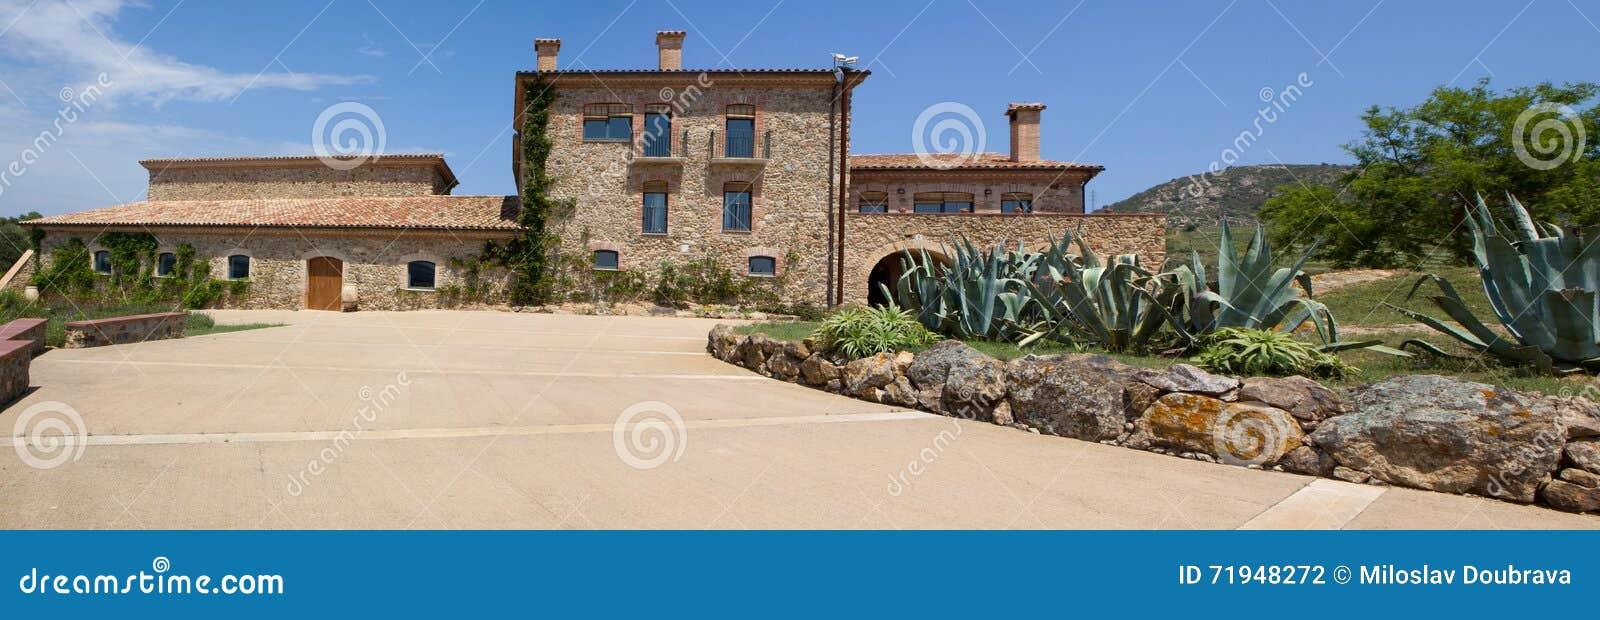 Vila в Каталонии